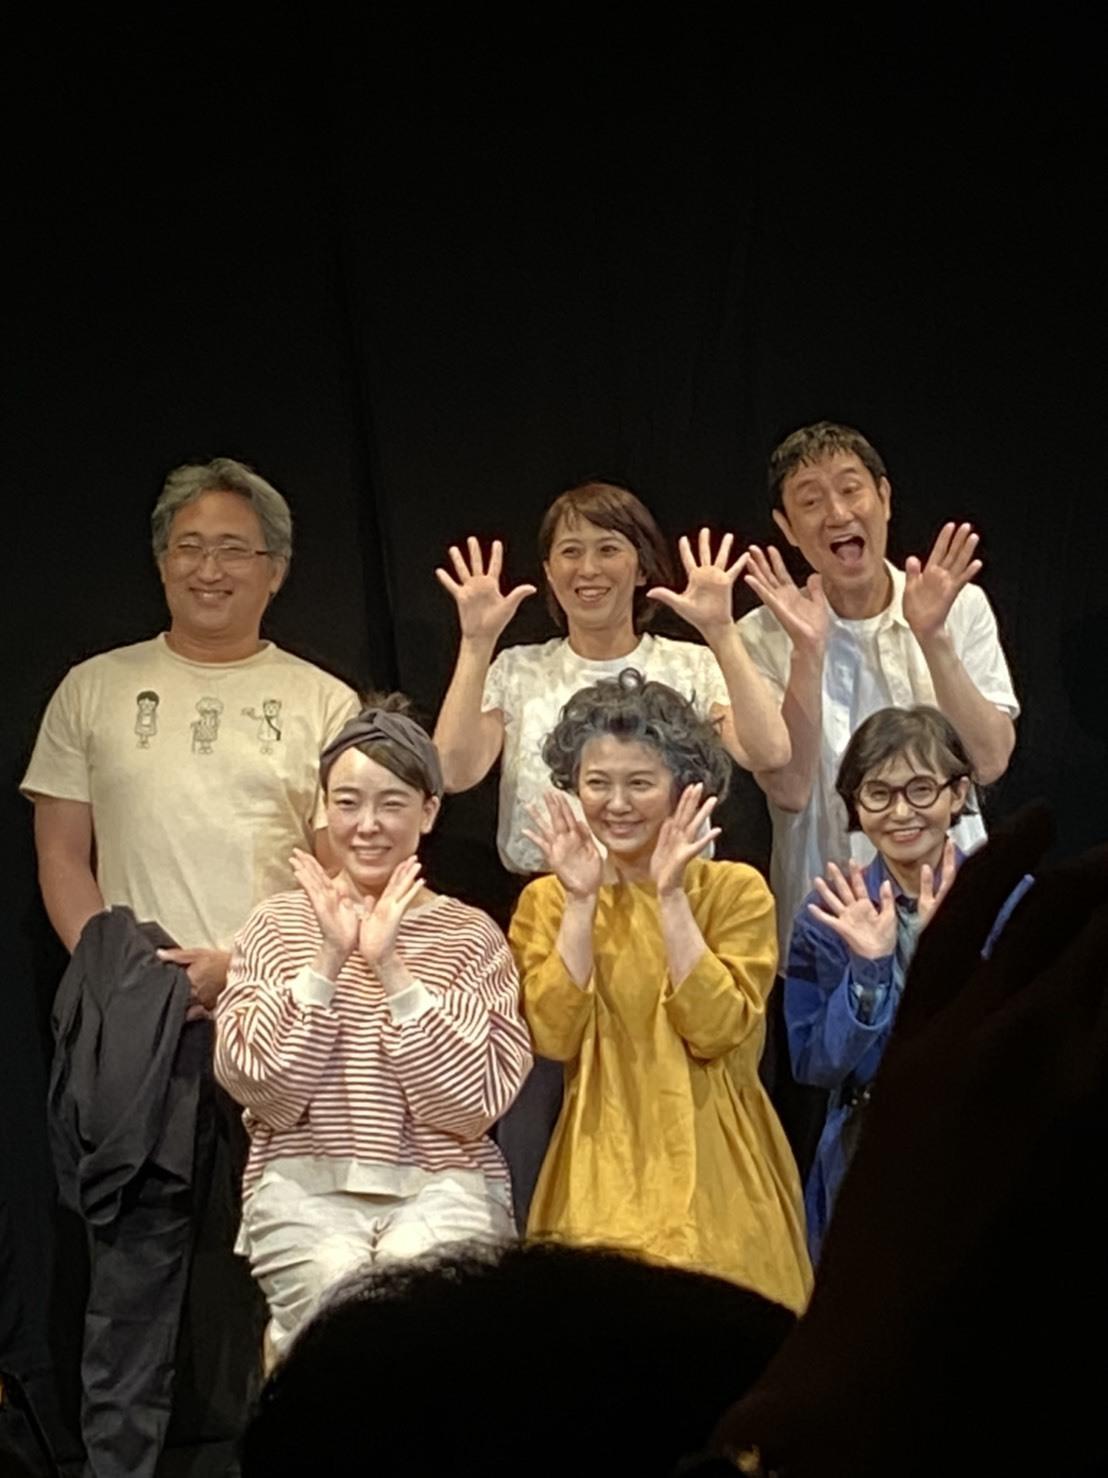 本田さんに会いたいな。。。💖_a0163623_00182169.jpg